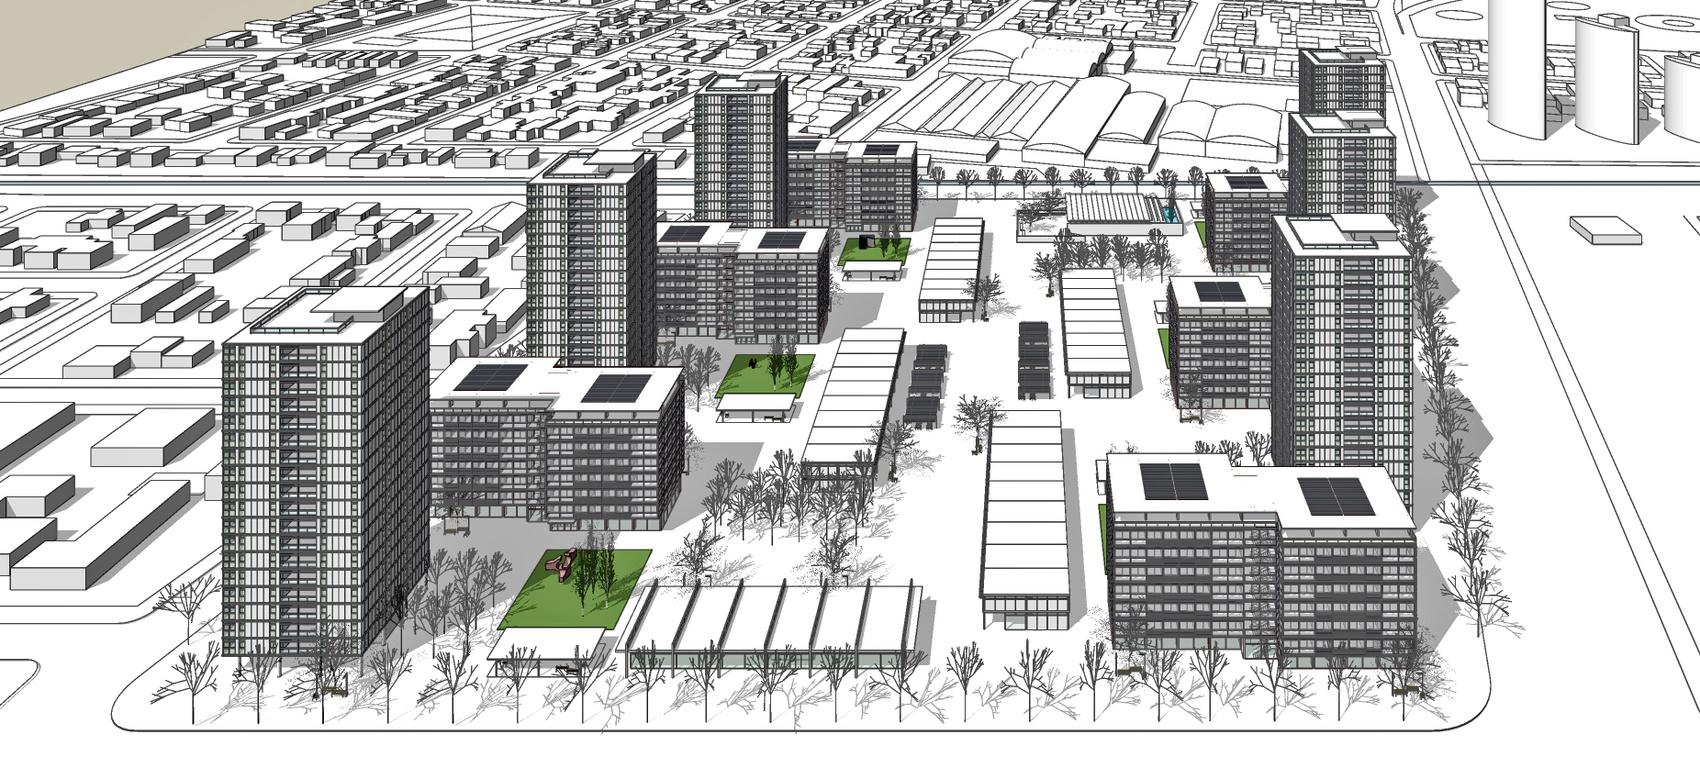 Ordenación de un polígono urbano